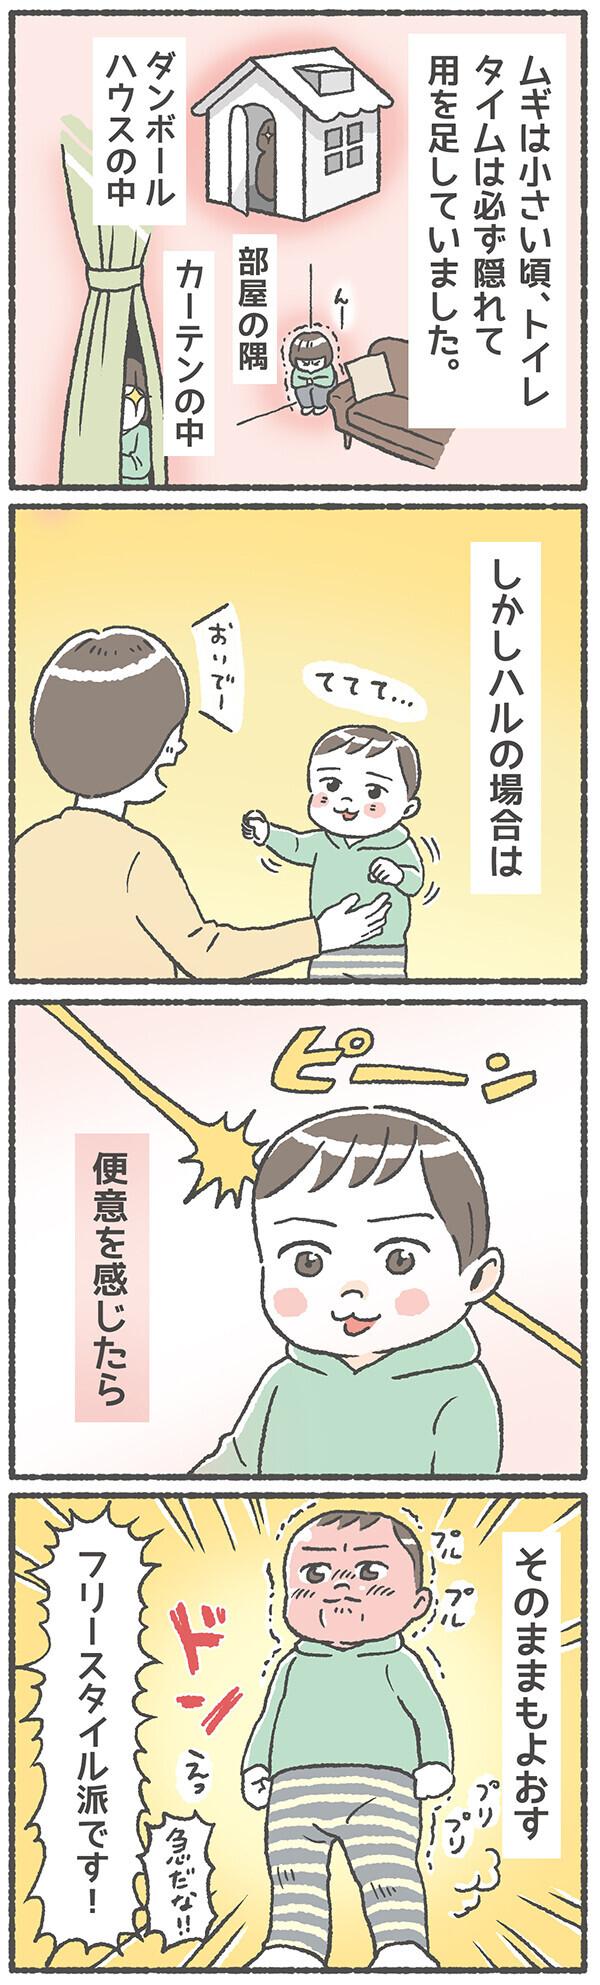 母は常に絶叫! 本能で生きる1歳児の驚くべき生態【笑いに変えて乗り切る!(願望) オタク母の育児日記】  Vol.10